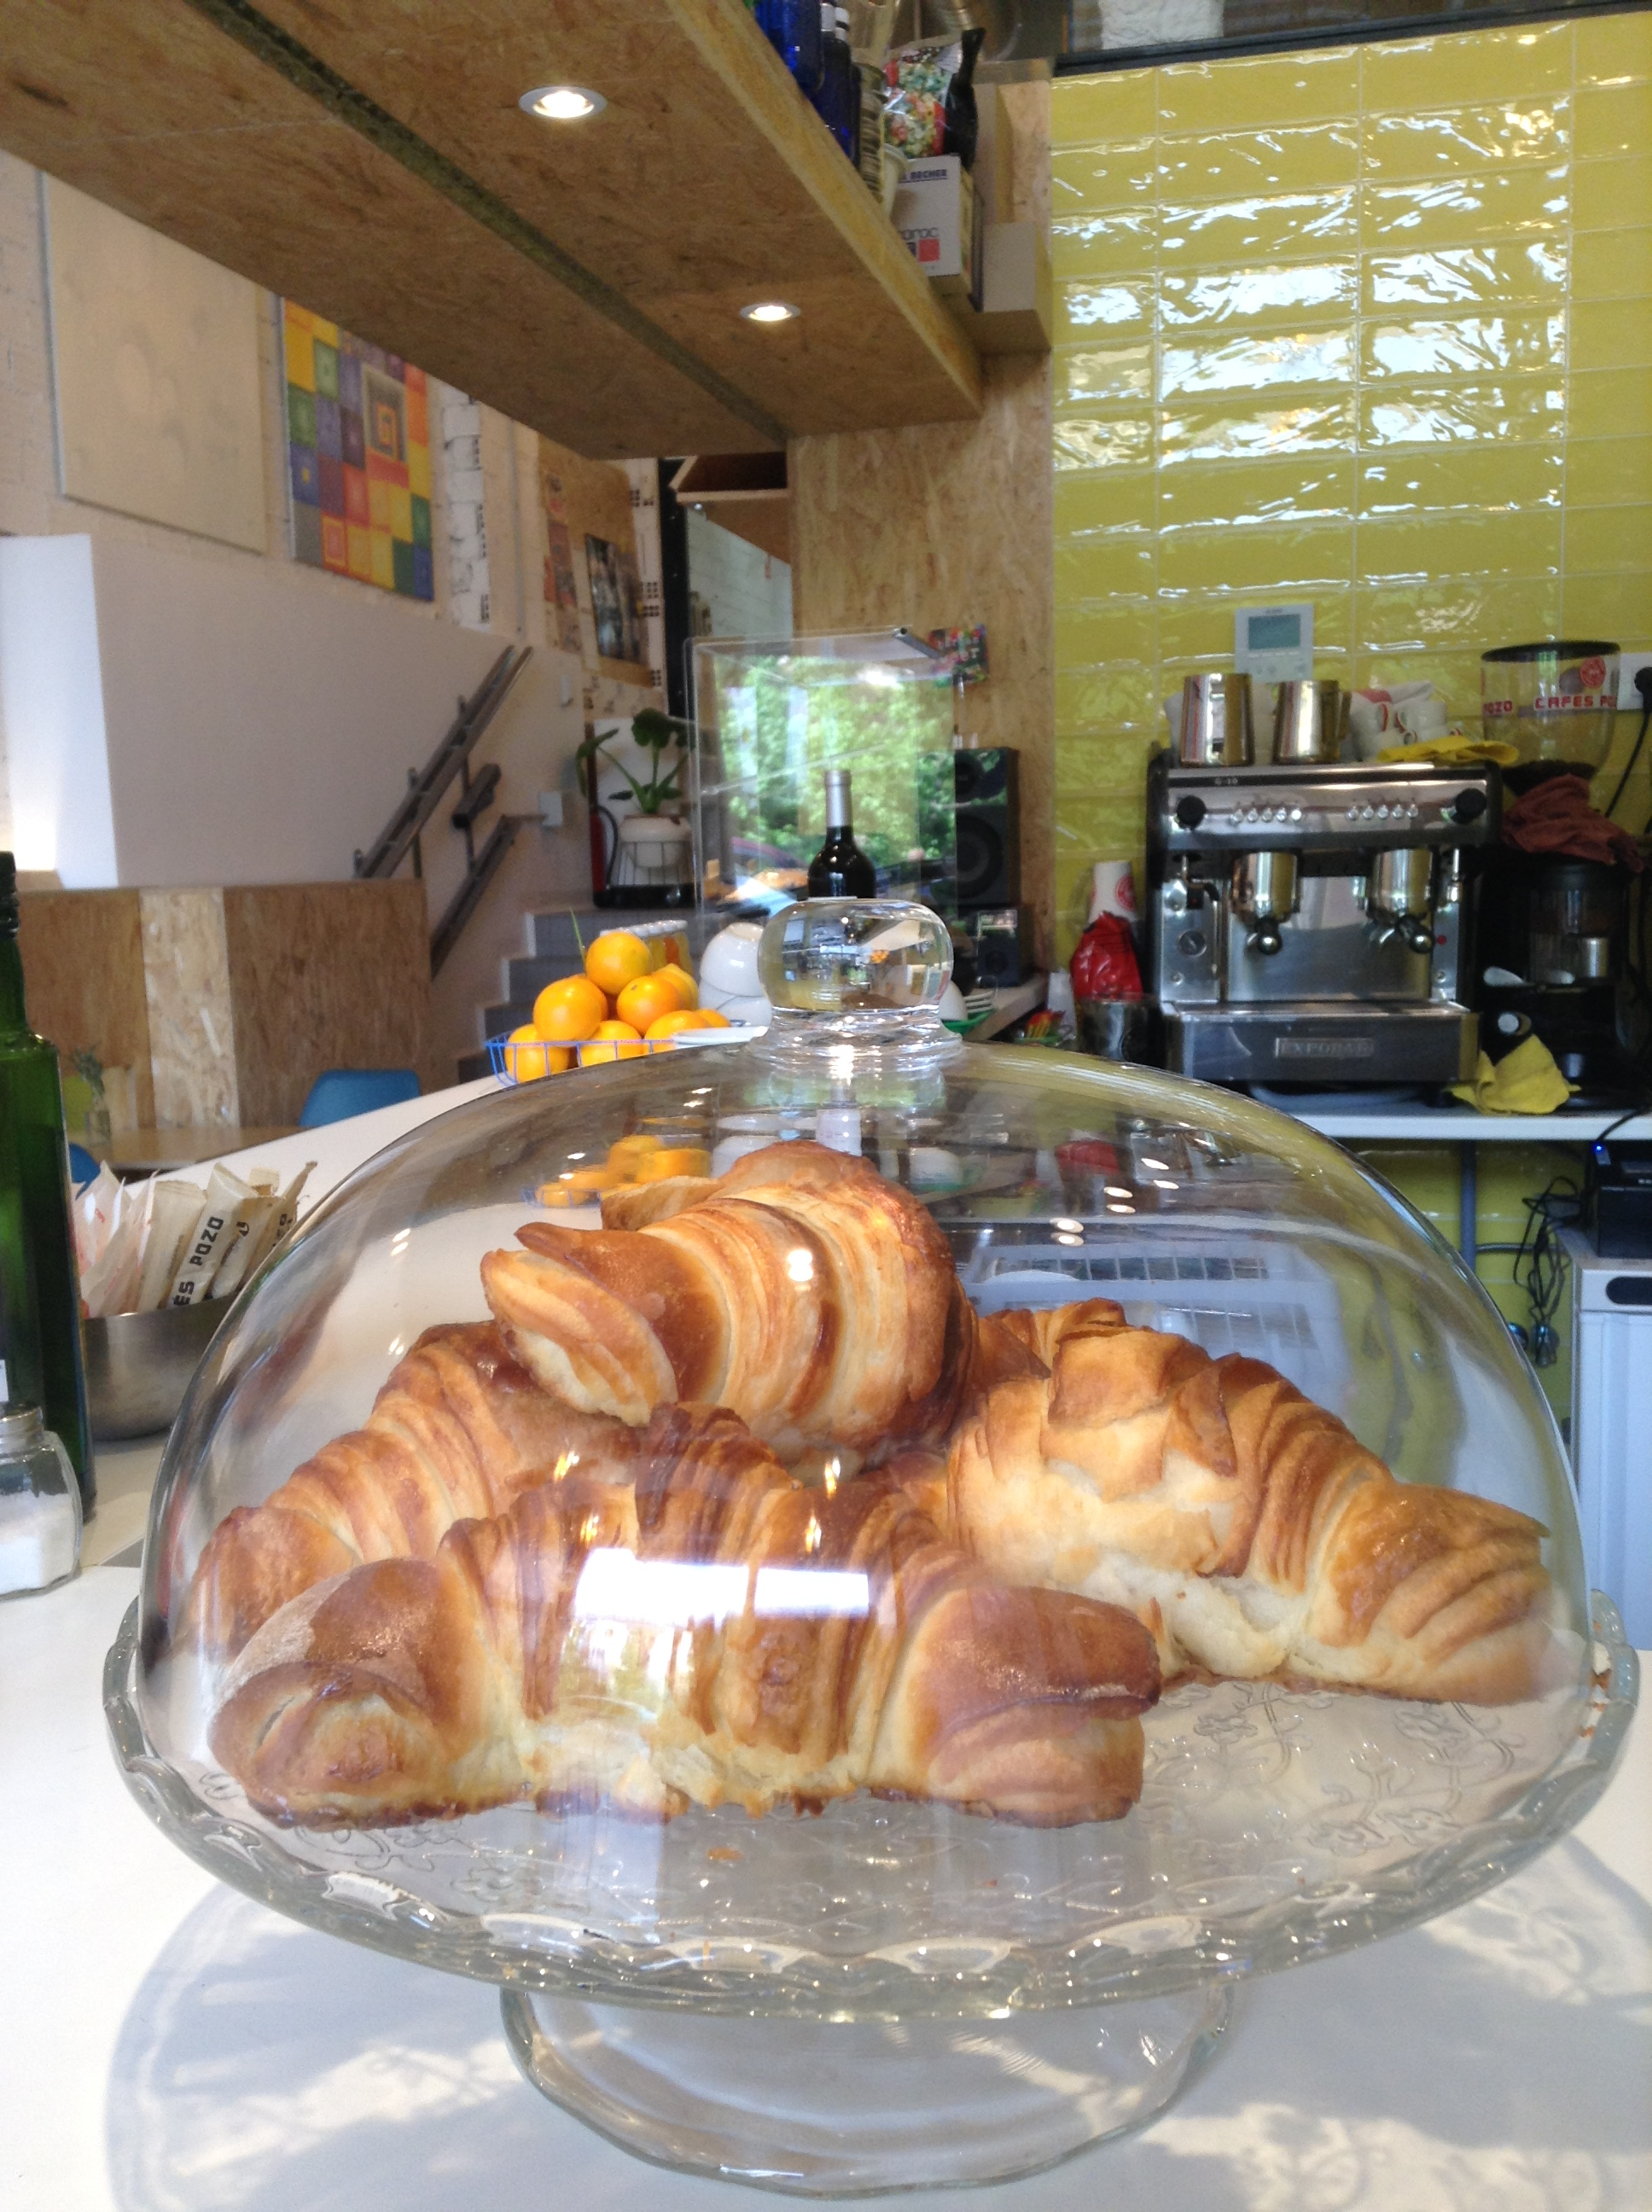 Croissants artseanos madrid